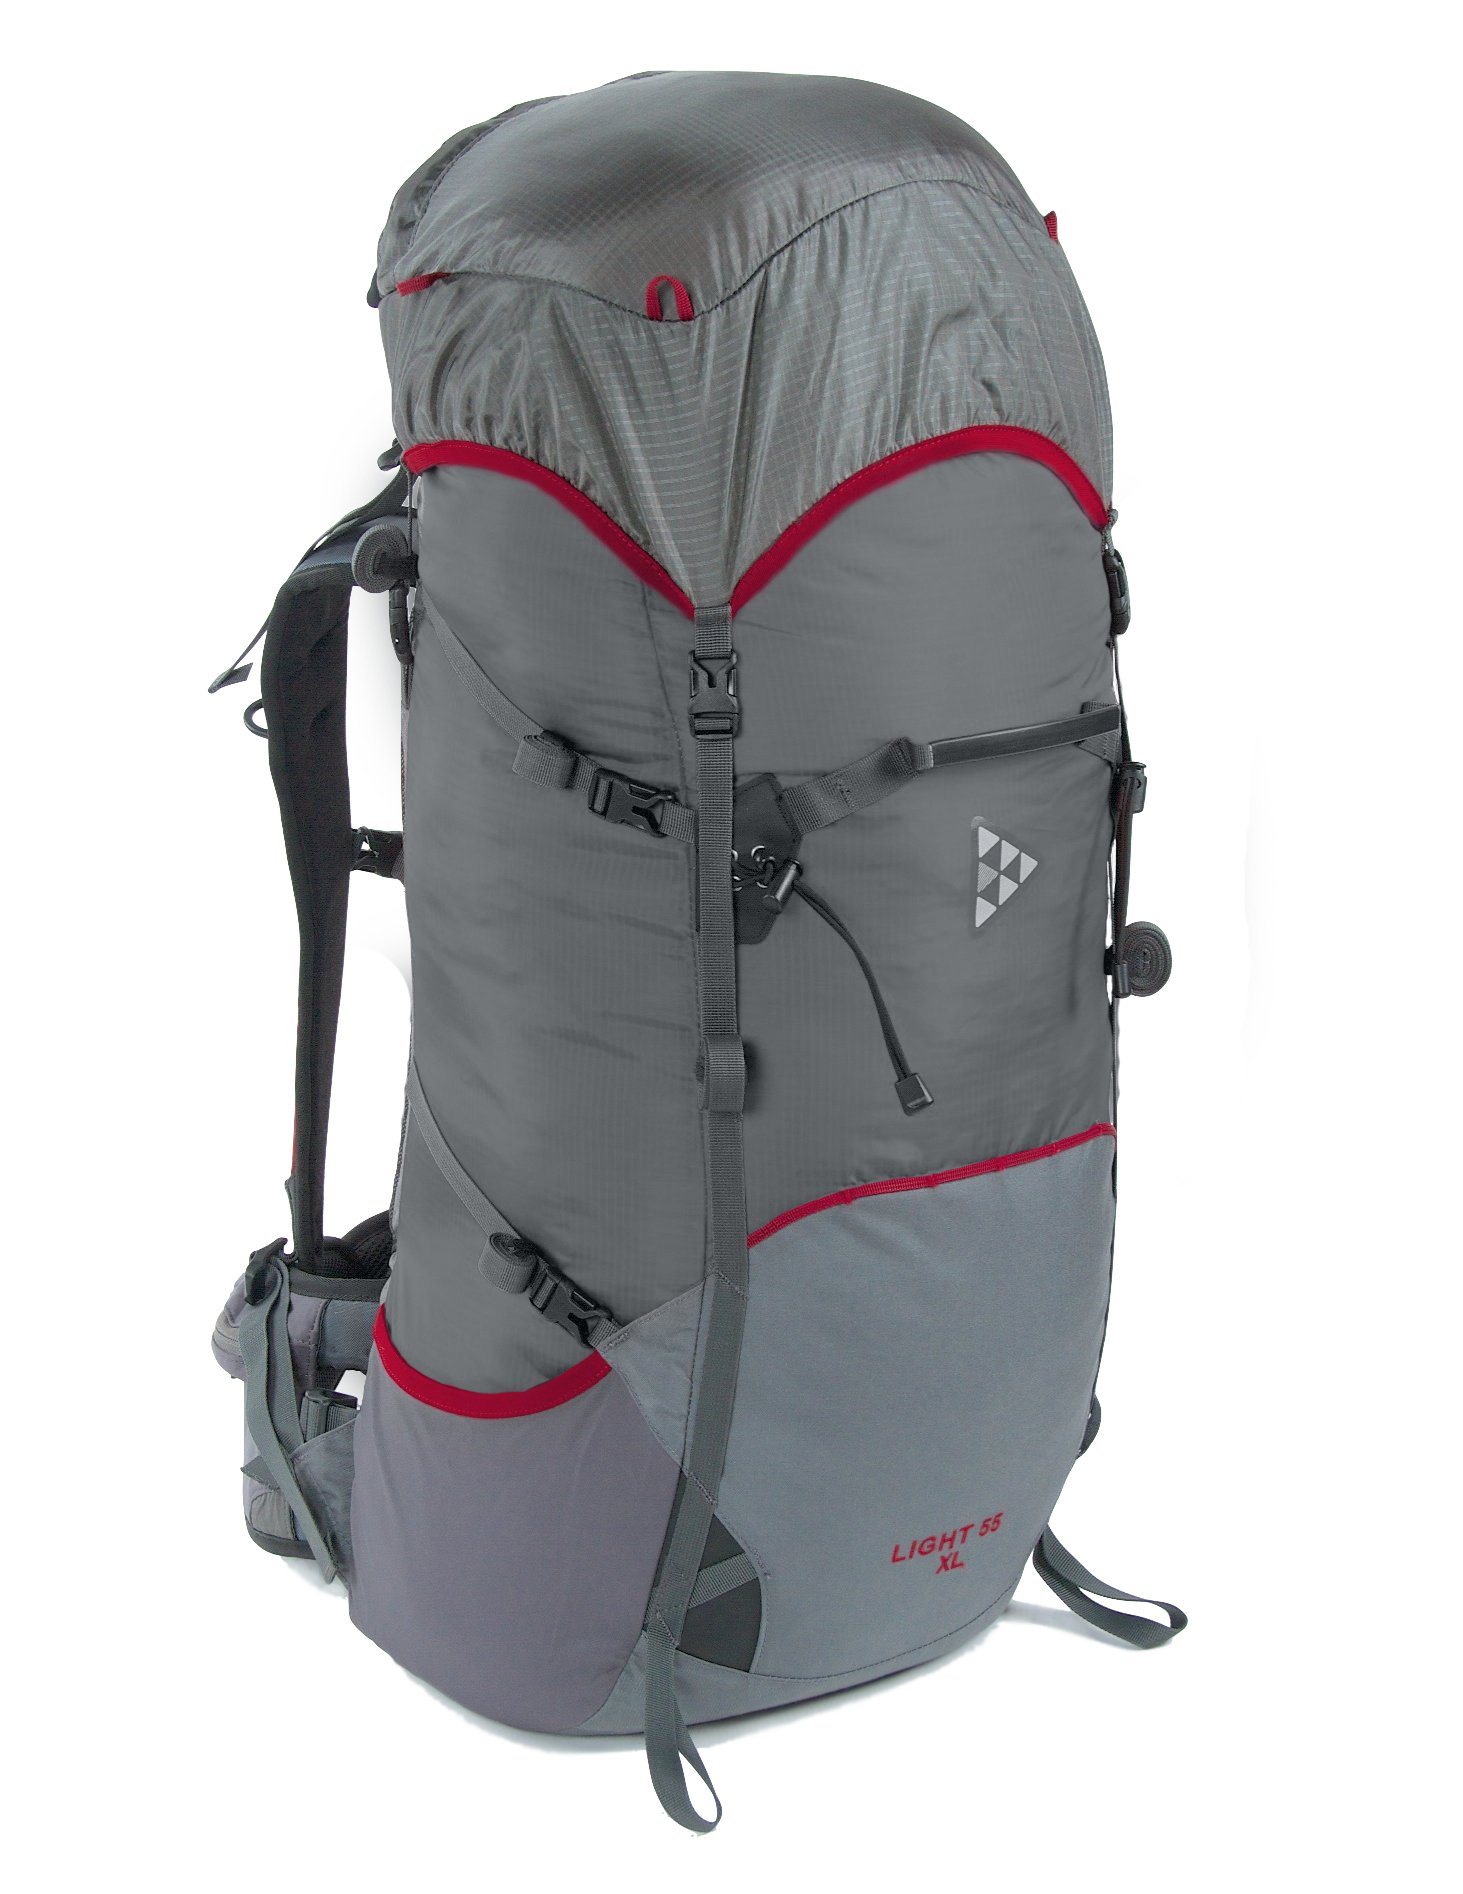 Рюкзак BASK LIGHT 55 XL фото